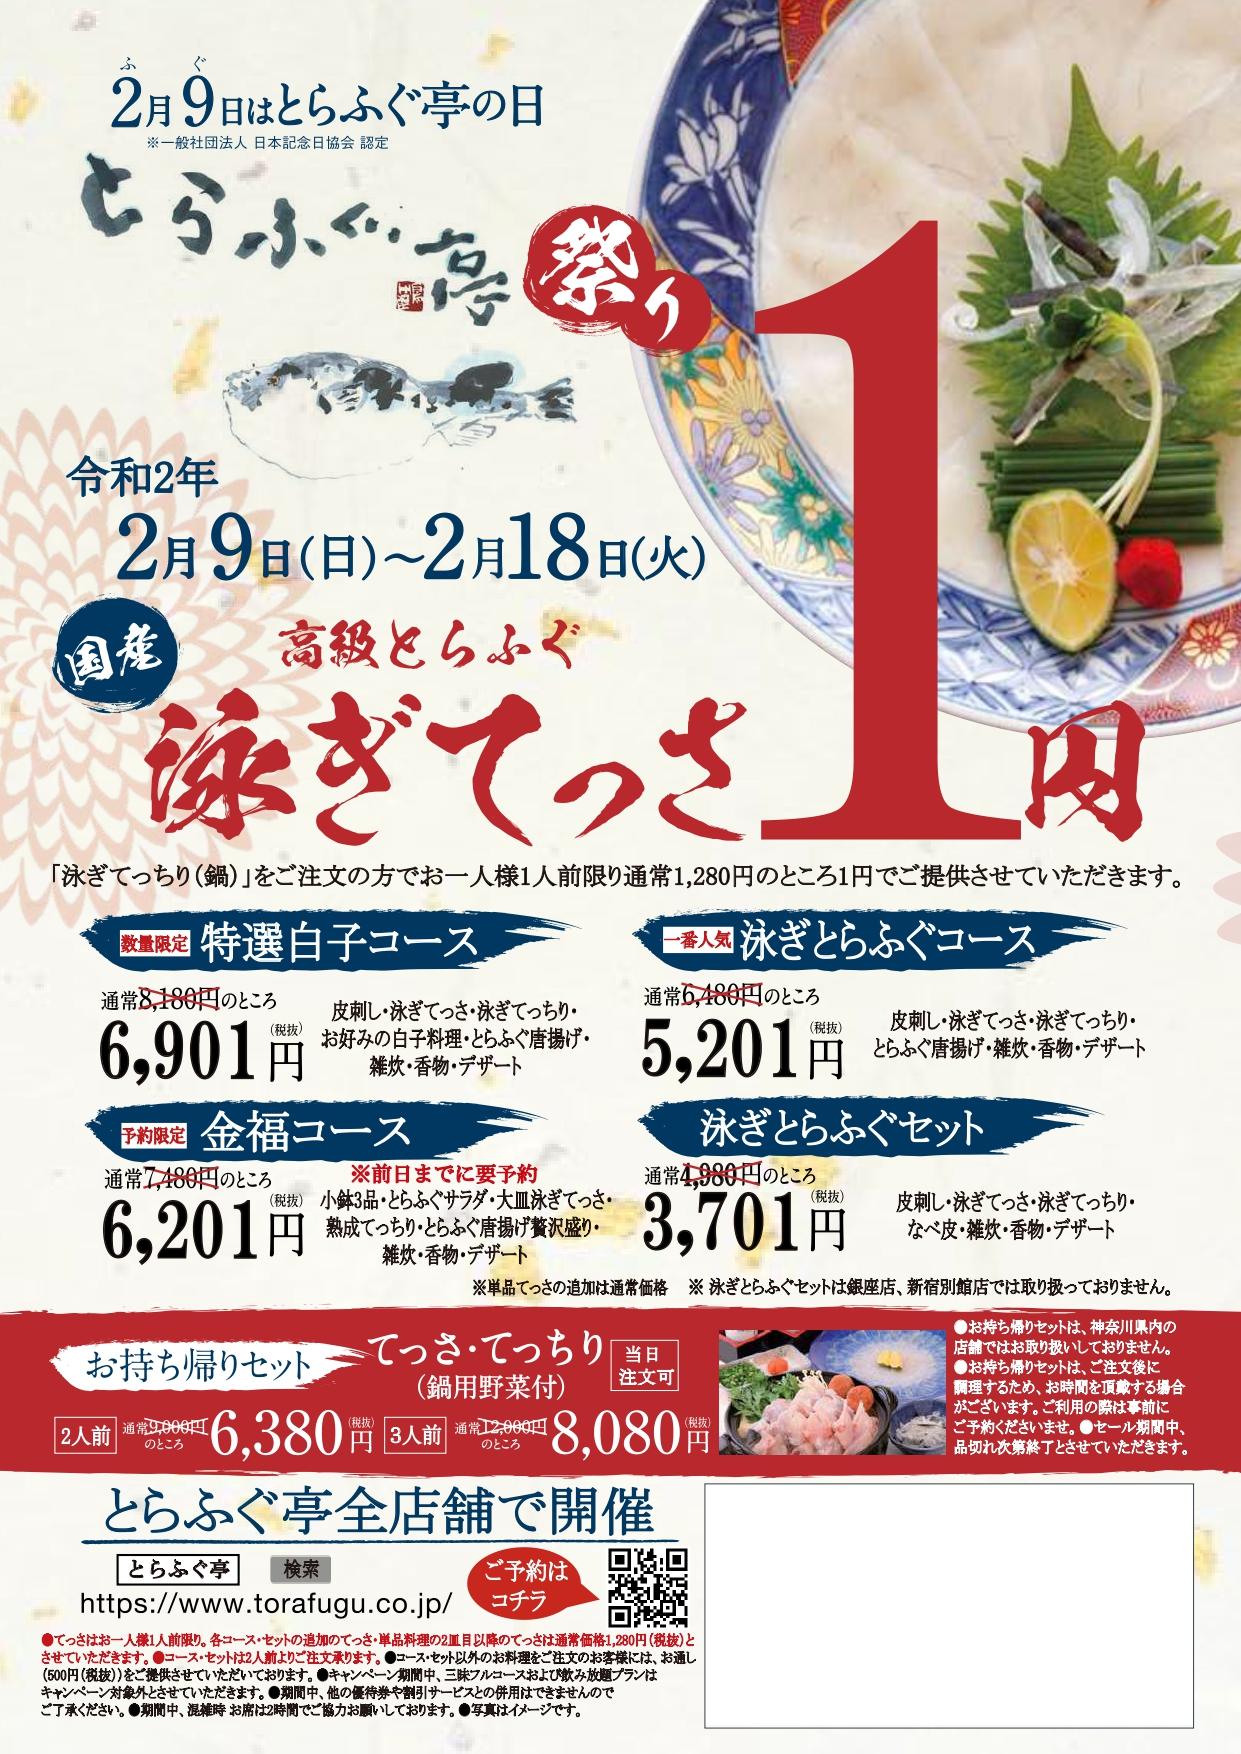 2月9日はとらふぐ亭の日 国産高級とらふぐ 泳ぎてっさ1円 とらふぐ亭祭り